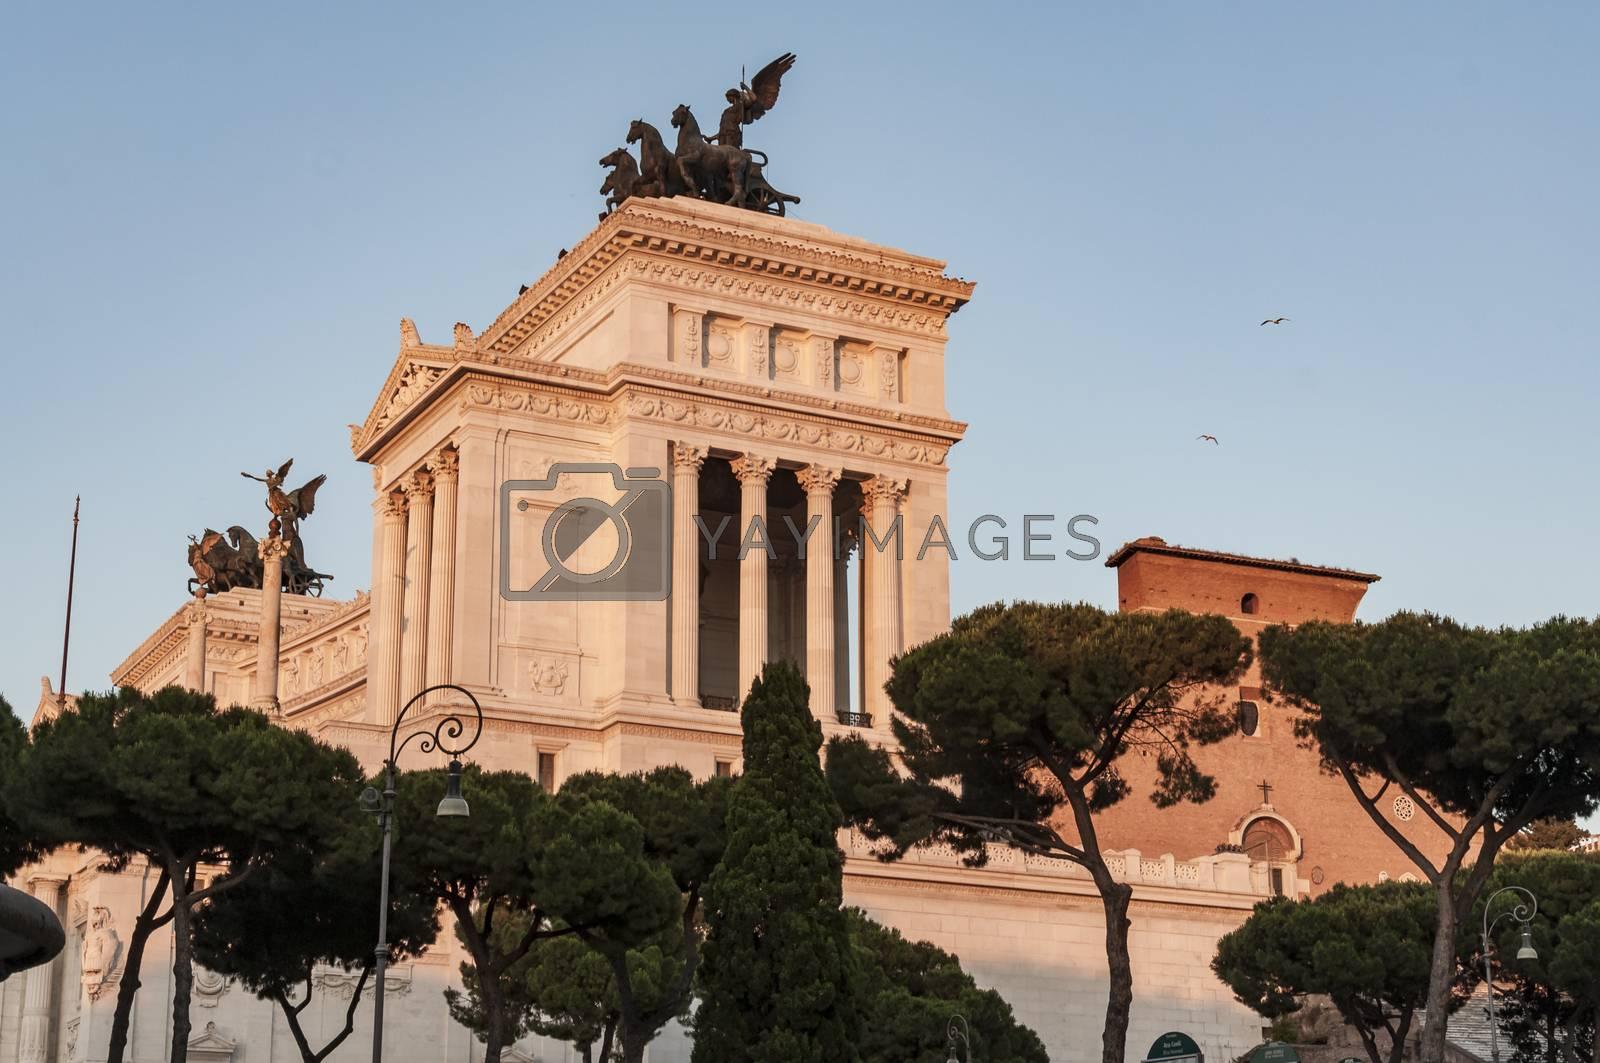 The Altare della Patria, also known as the Monumento Nazionale a Vittorio Emanuele II or Vittoriano, in Rome, Italy.